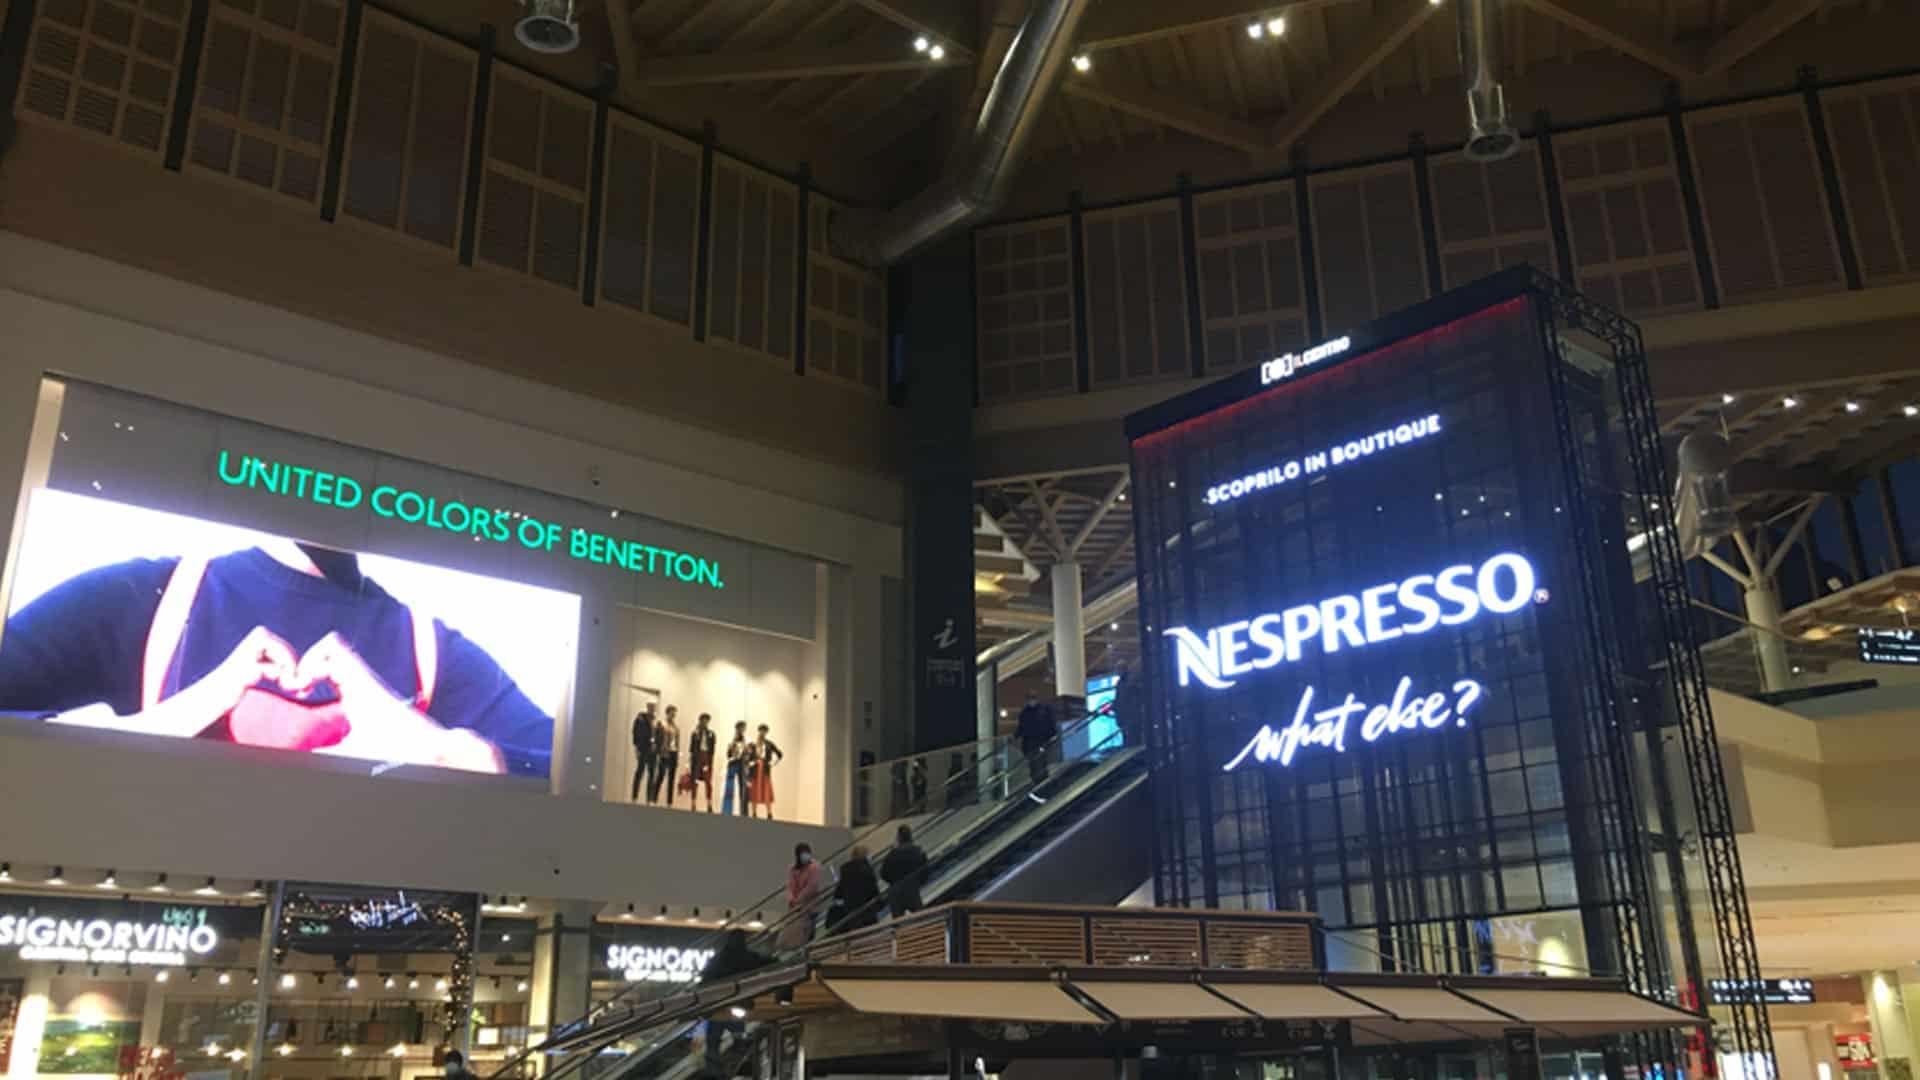 Nespresso Vertuo centro commerciale Il centro